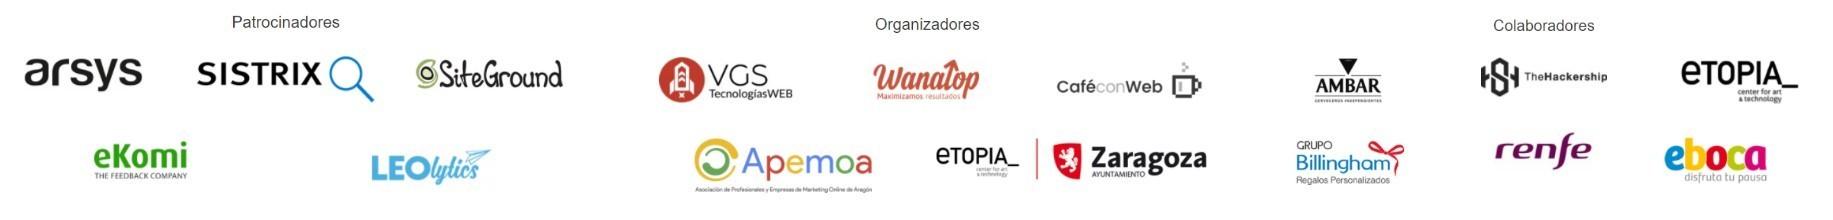 patrocinadores, organizadores y colaboradores de Ensalada SEO 2017